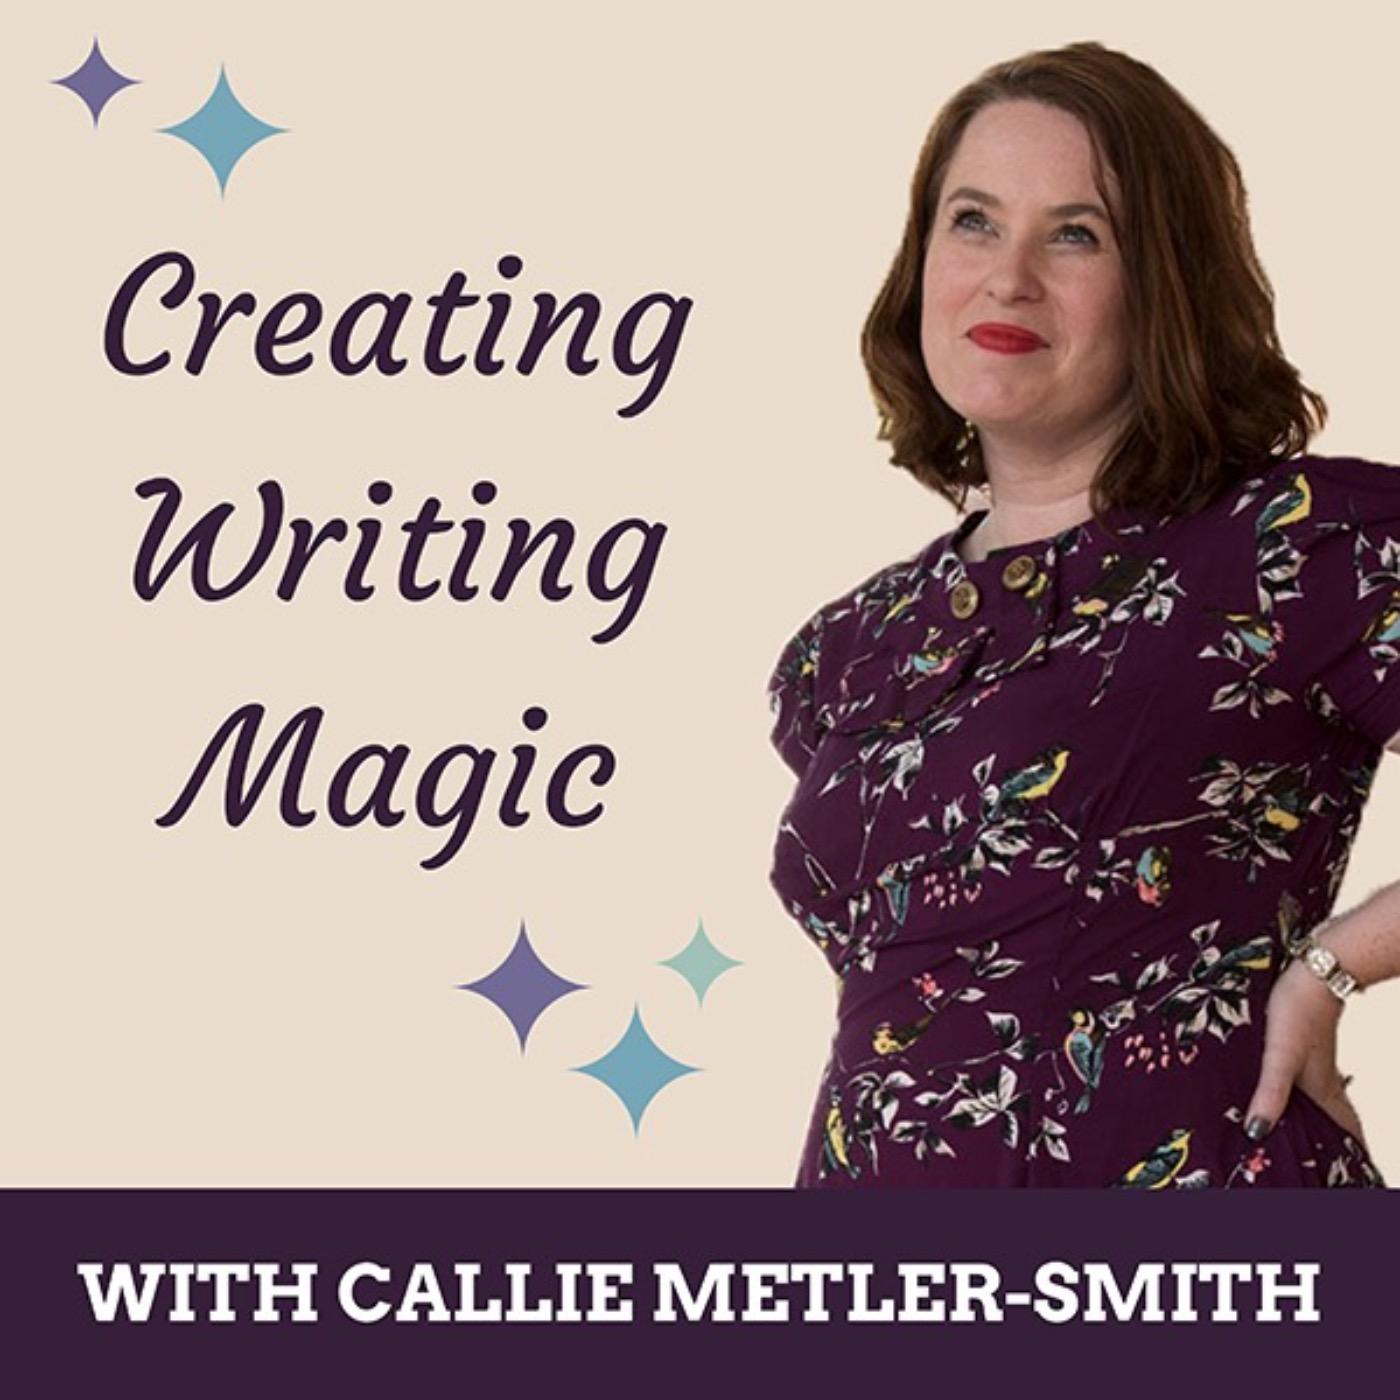 Why Create Writing Magic?